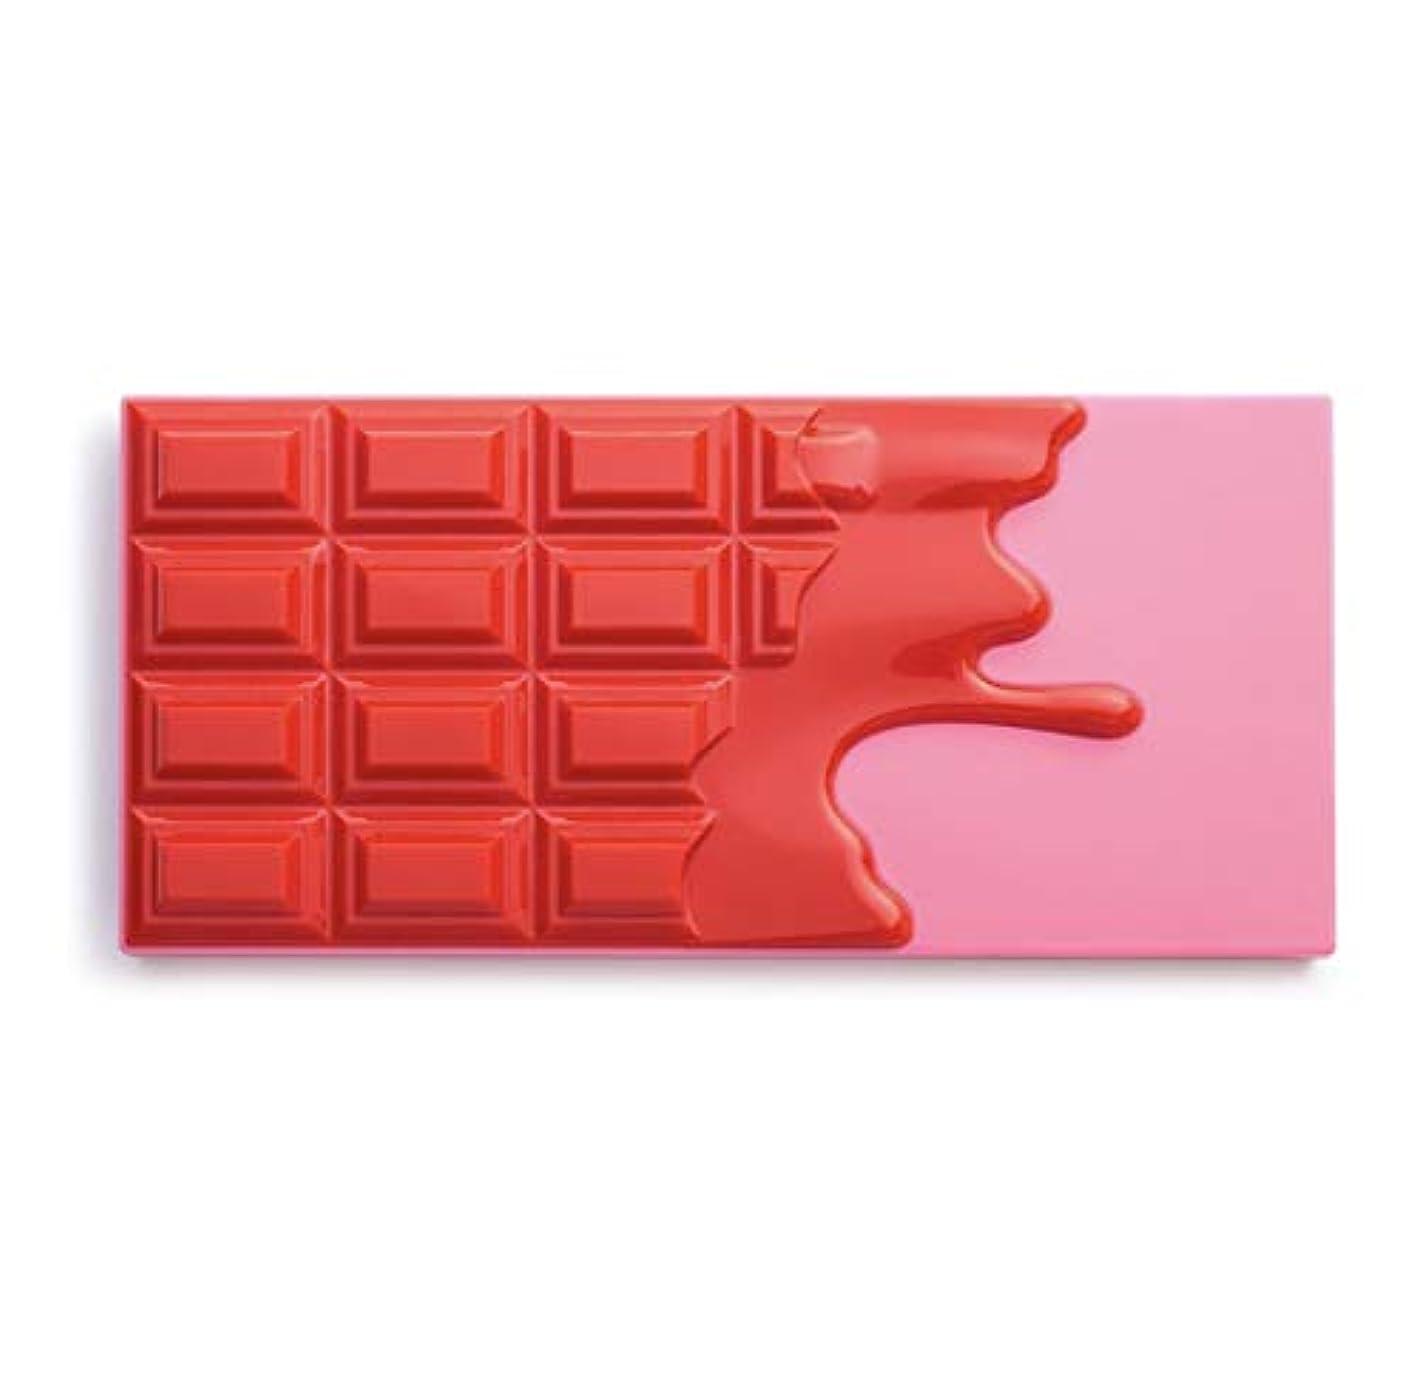 恥ずかしいとしてパネルメイクアップレボリューション アイラブメイクアップ チョコレート型18色アイシャドウパレット #Cherry Chocolate